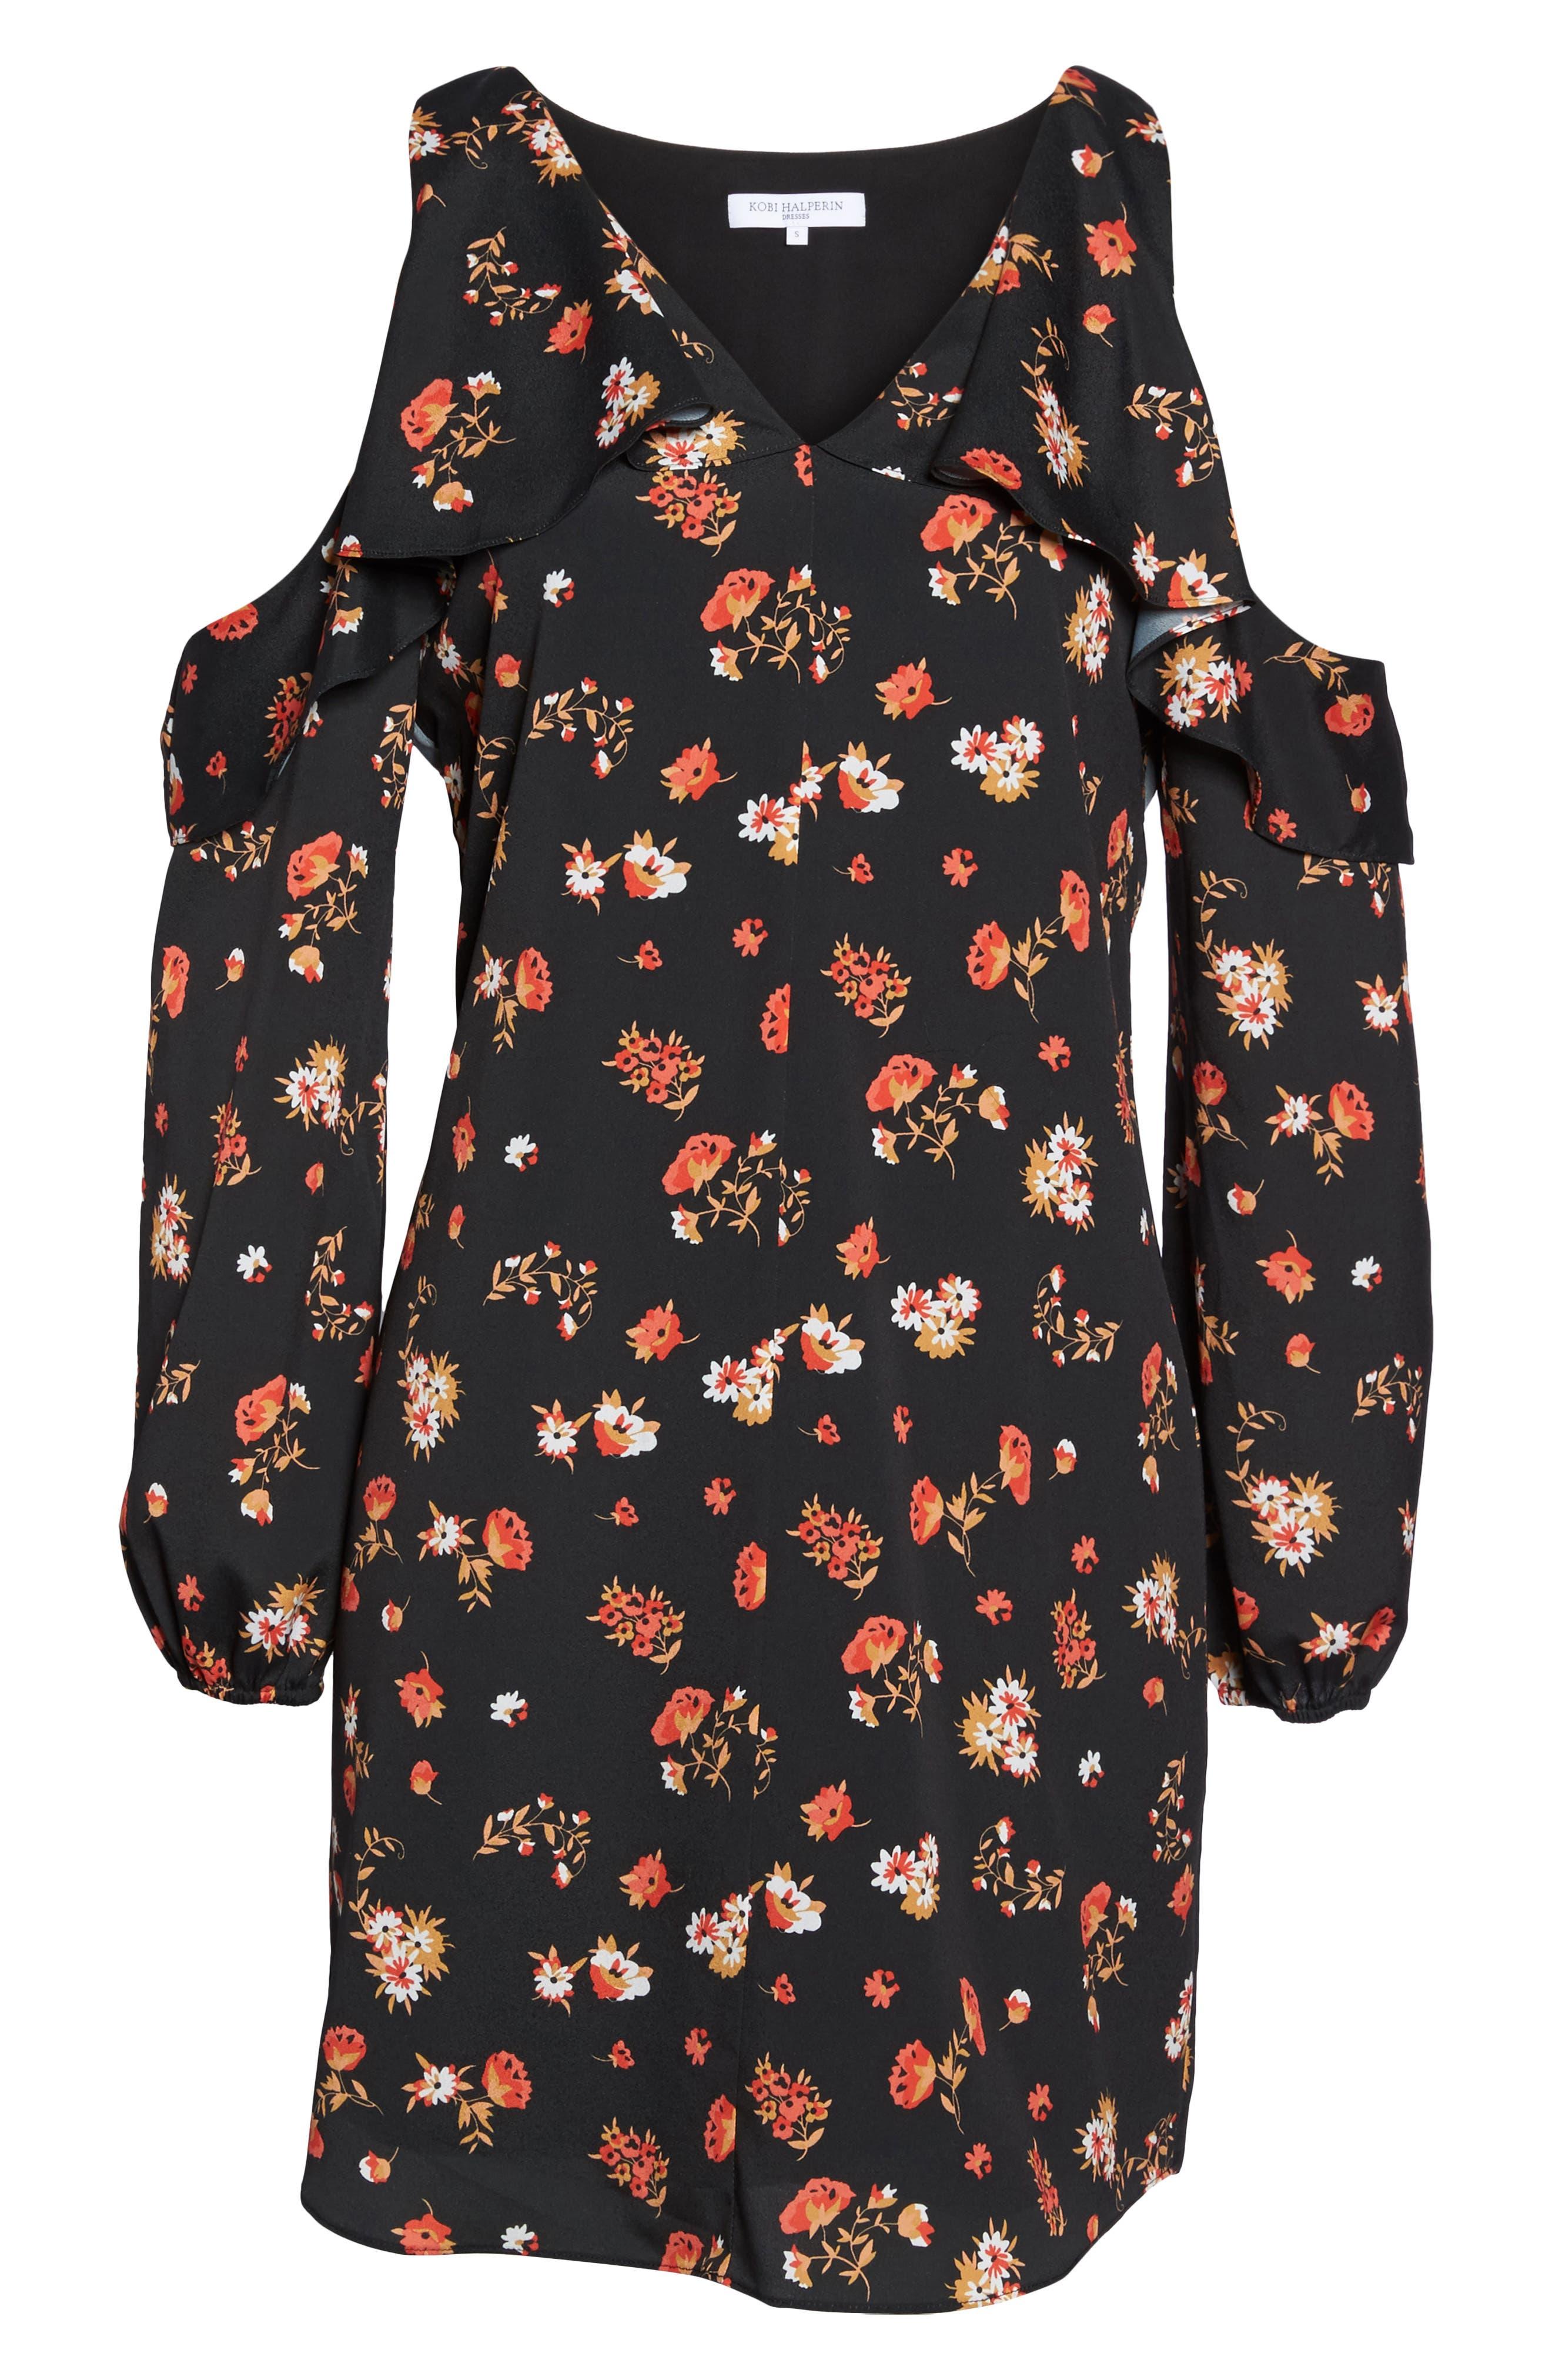 Tamar Cold Shoulder Shift Dress,                             Alternate thumbnail 6, color,                             Black Multi